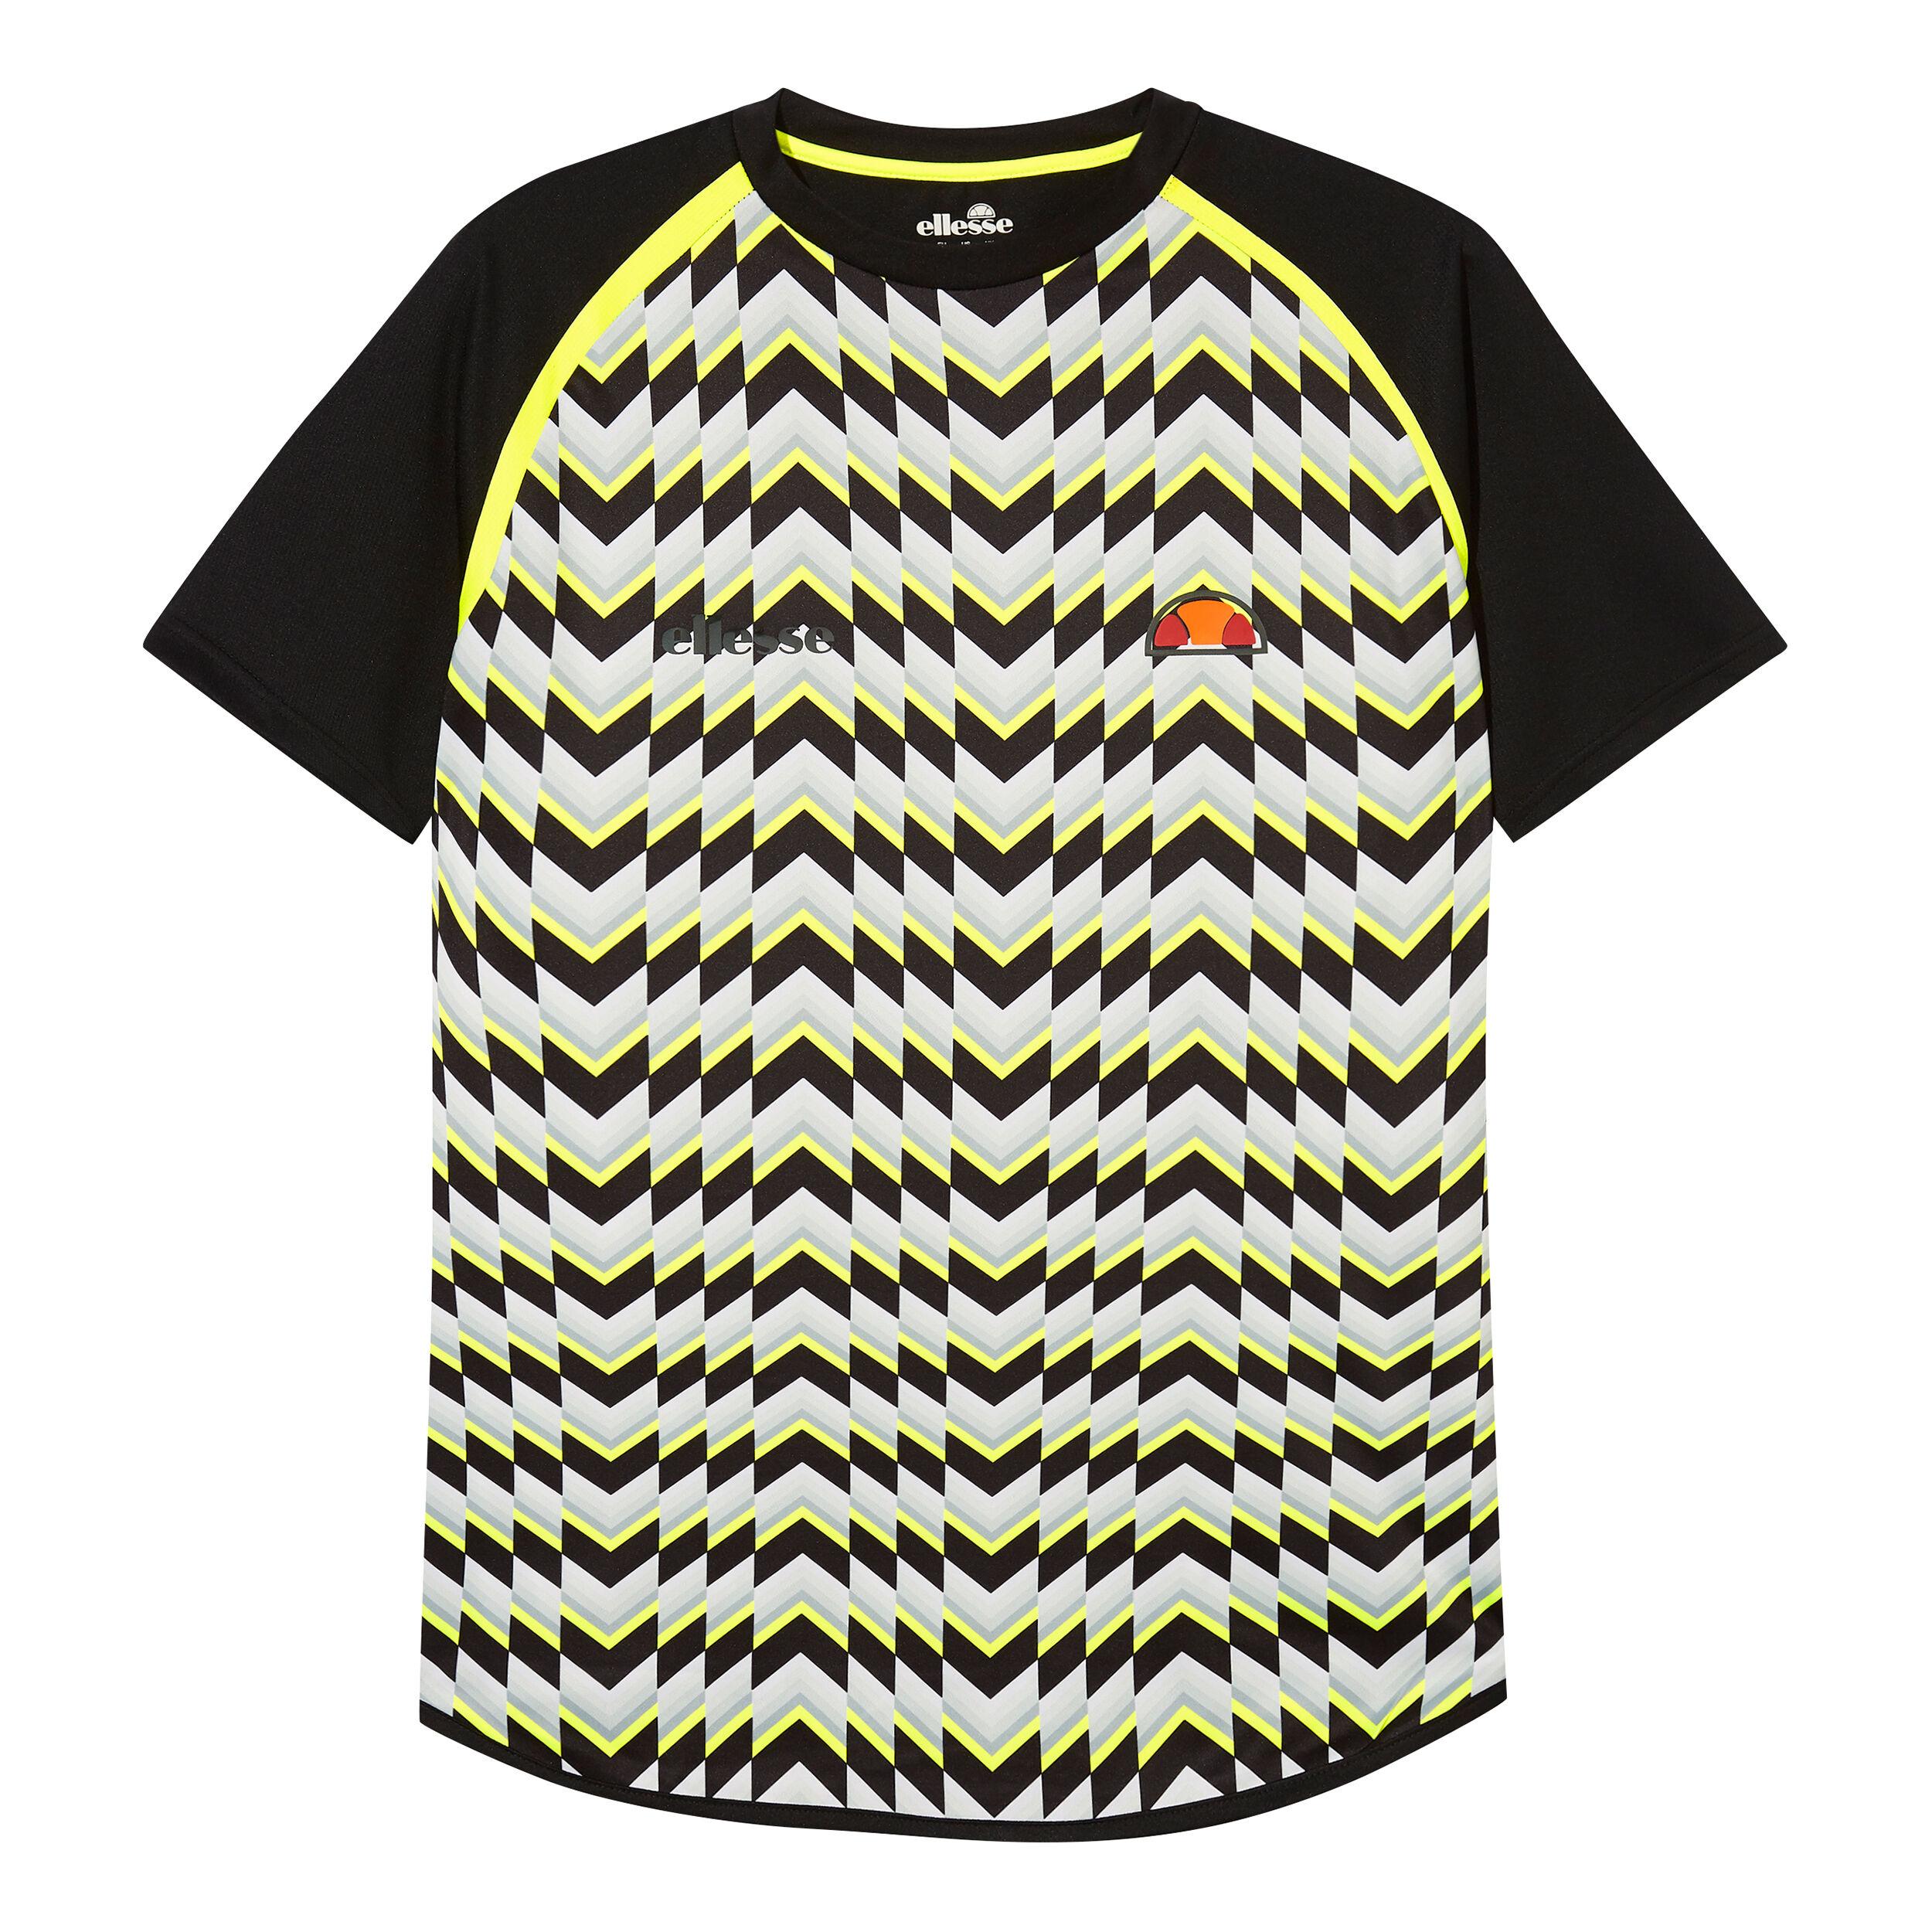 Balrino T shirt Herrer Sort, Flerfarvet